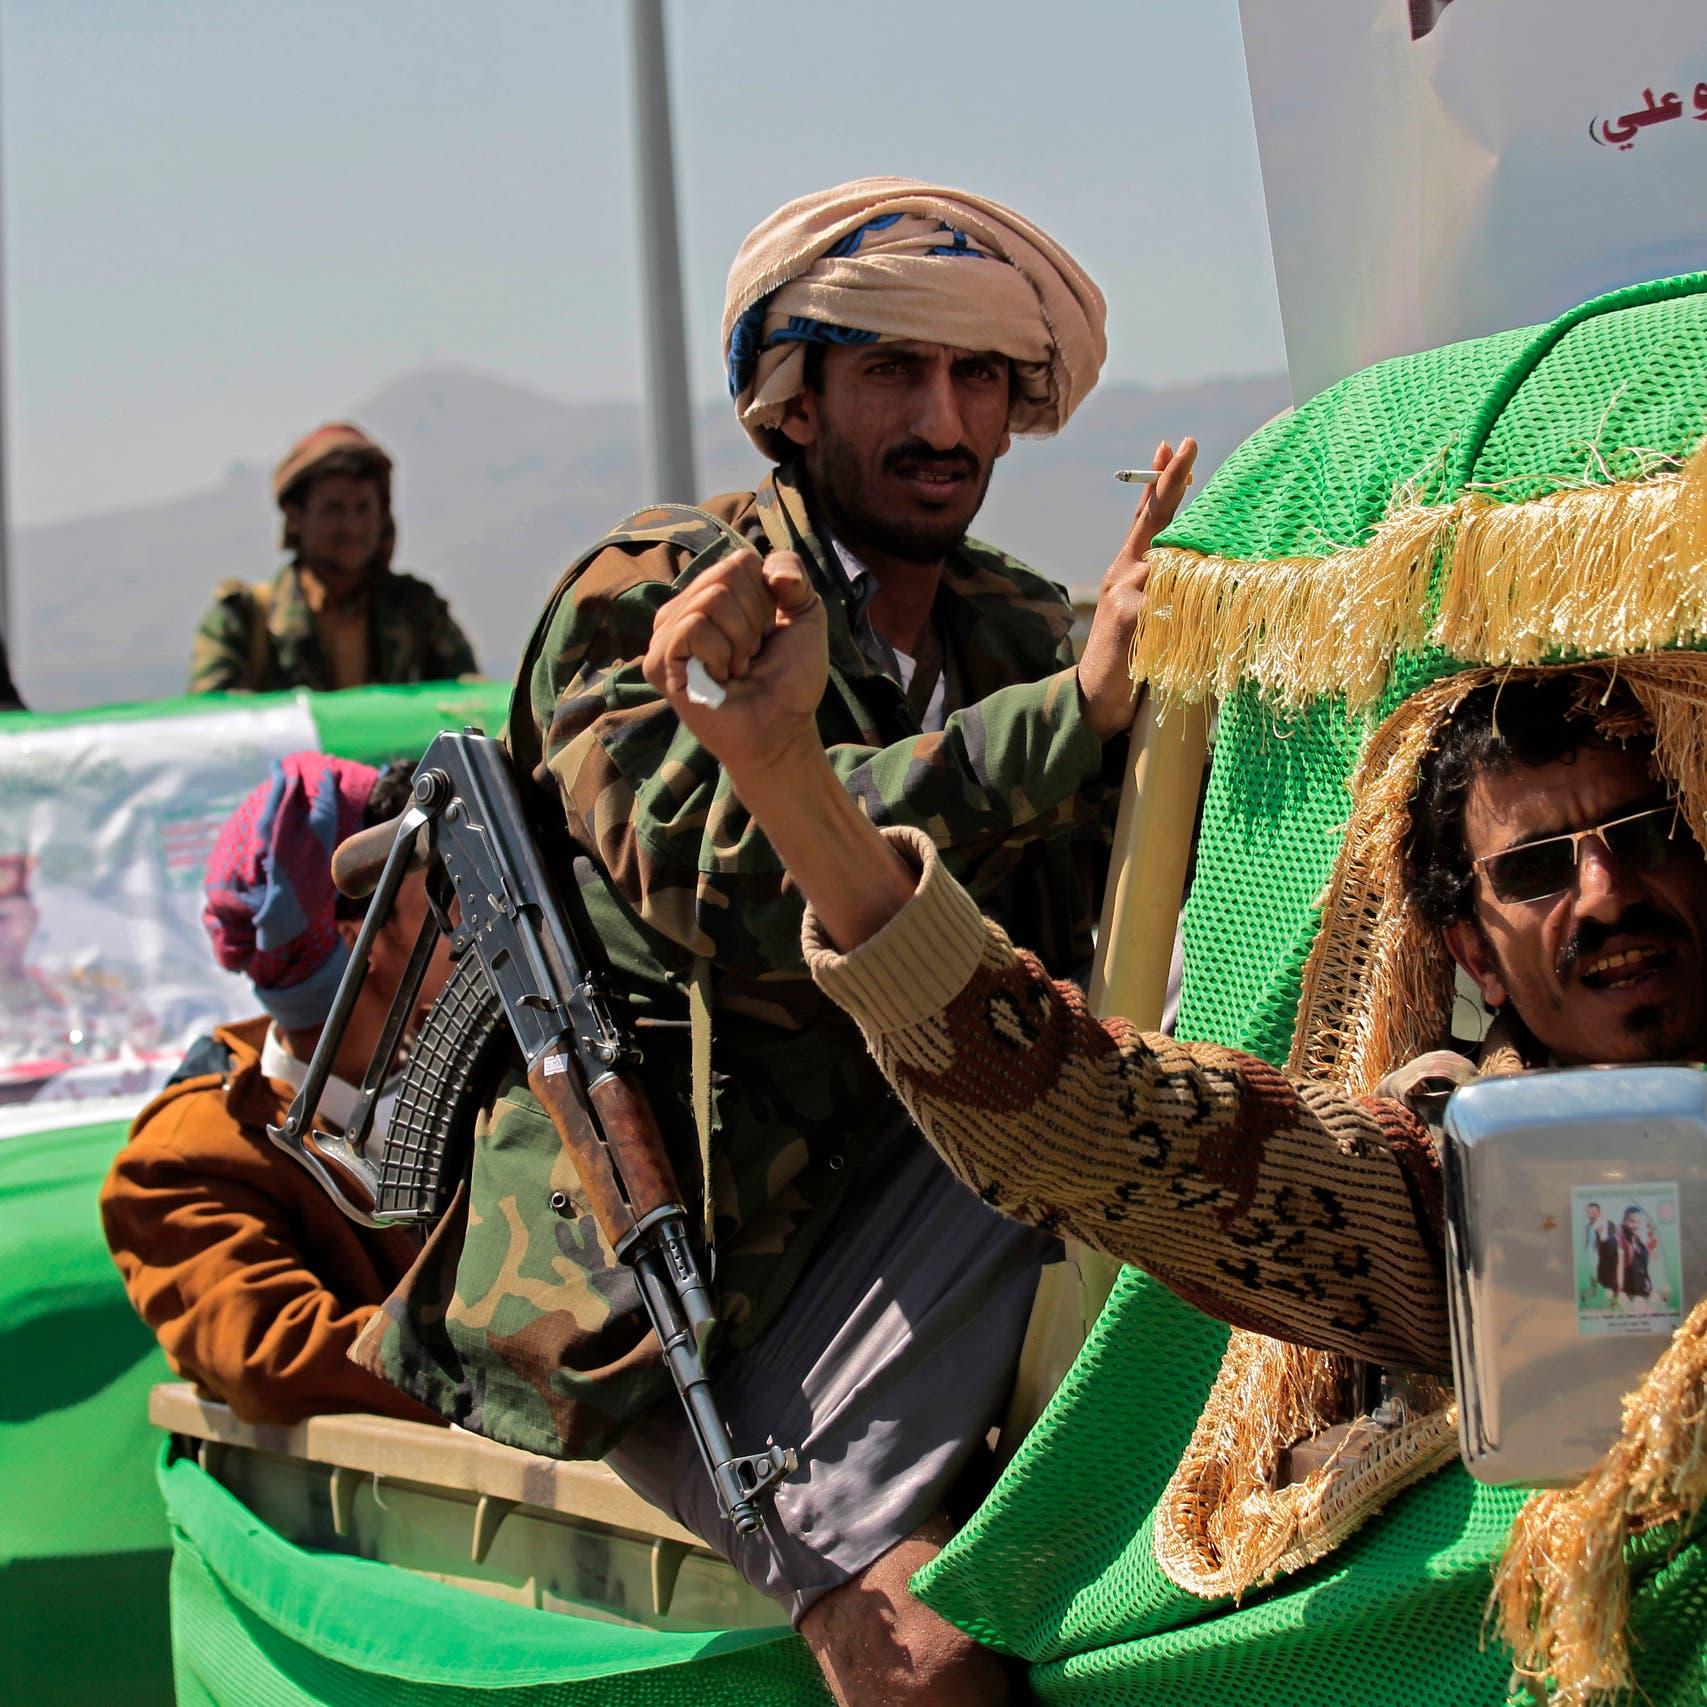 هجمات مستمرة.. الحوثي يدفع بأطفال إلى جبهات مأرب